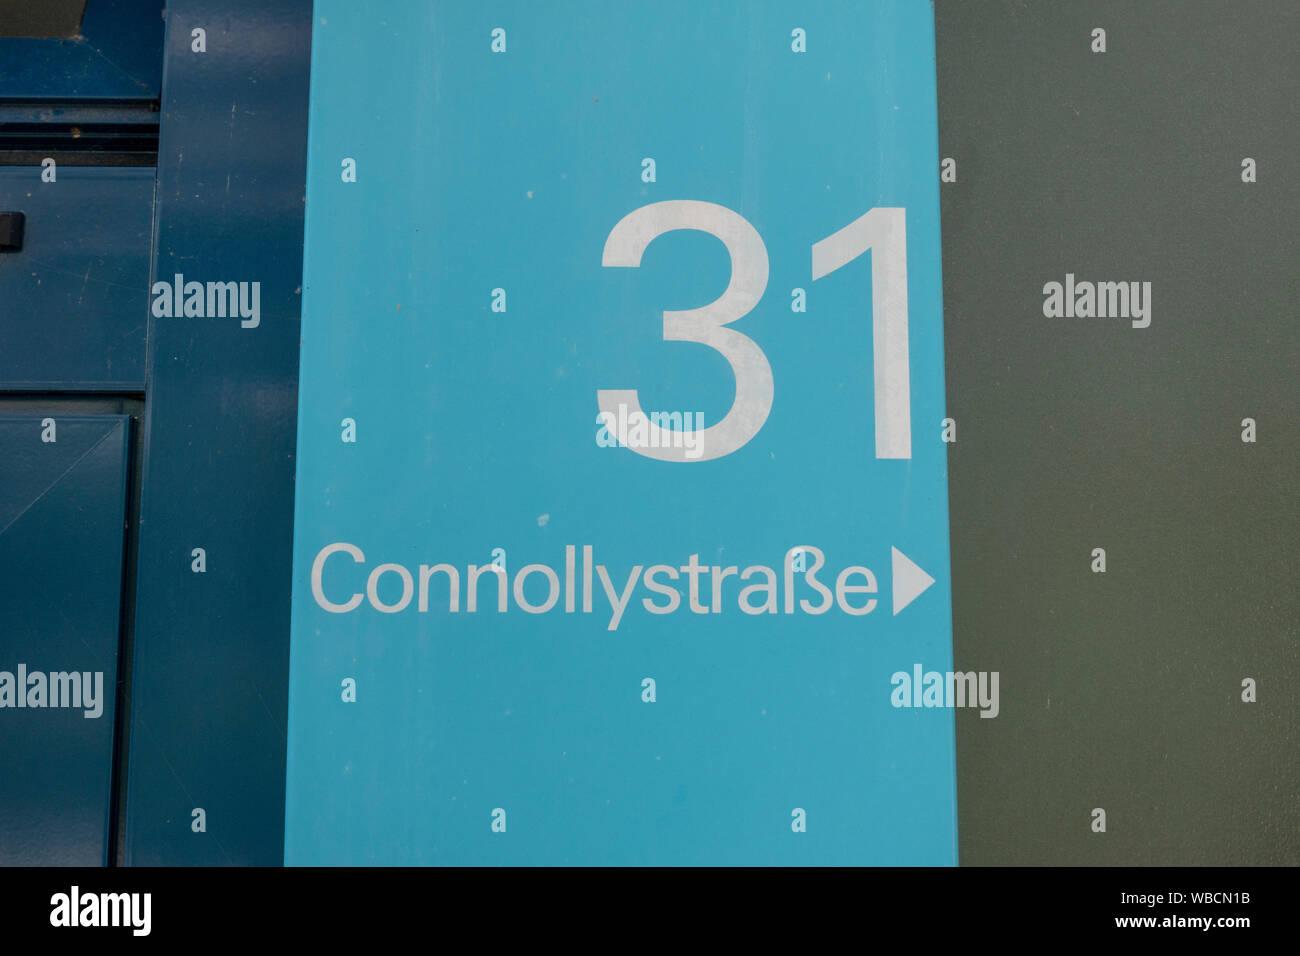 Connollystraße 31 placa de dirección, el sitio de la masacre de Múnich durante los Juegos Olímpicos de Verano de 1972 en Munich, Alemania. Foto de stock